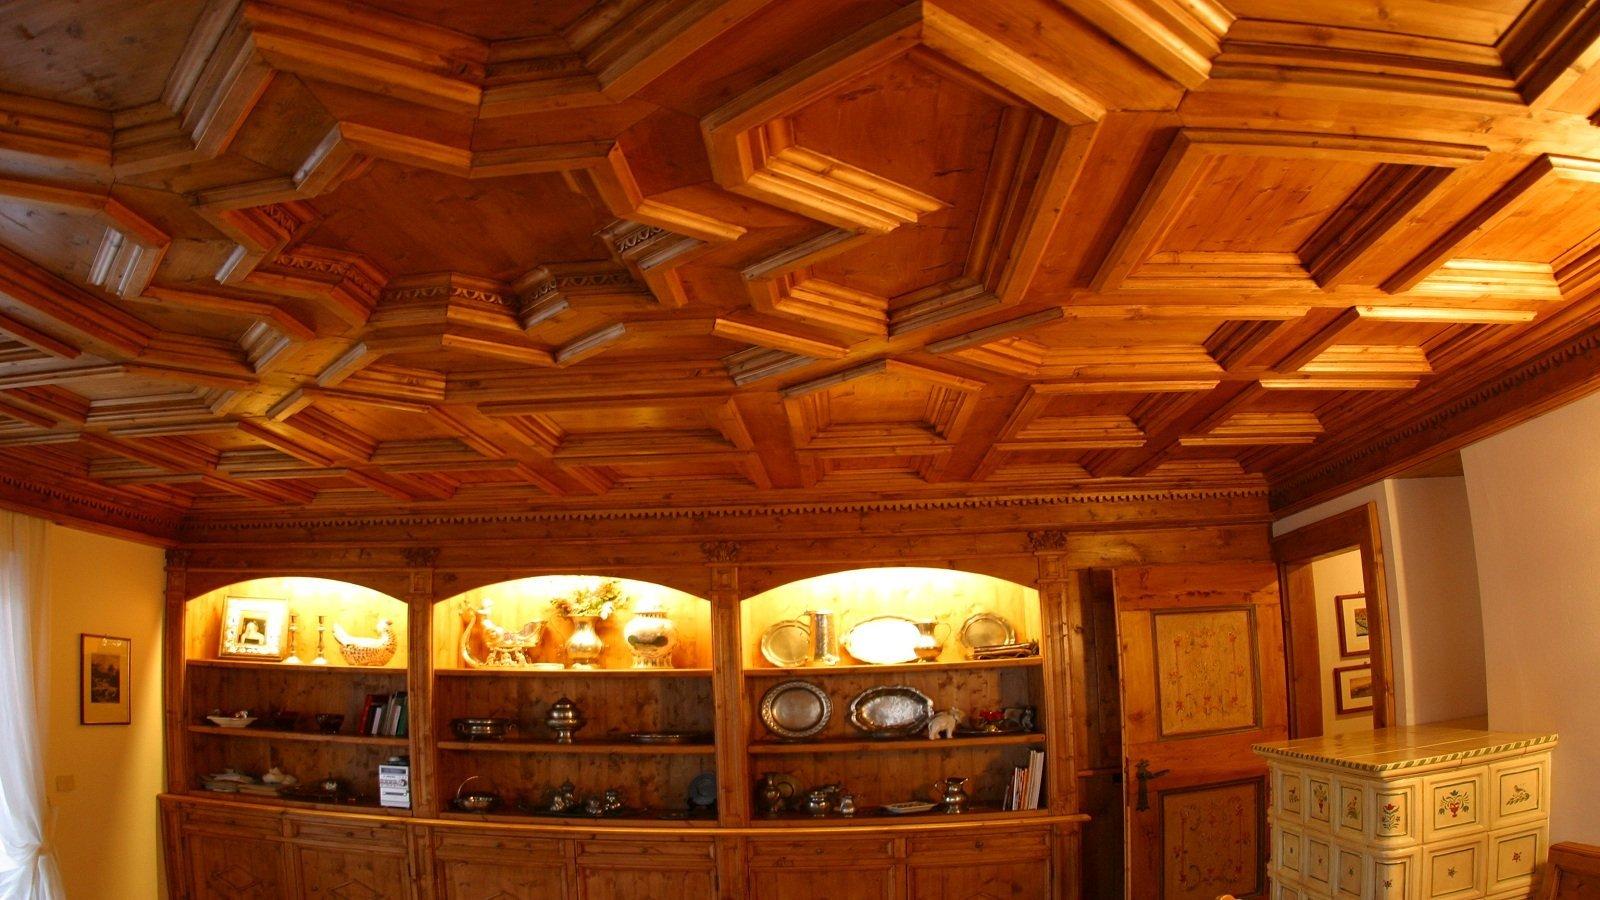 una stanza con mobili e soffitto in legno e delle mensole con piatti in ferro e altri oggetti